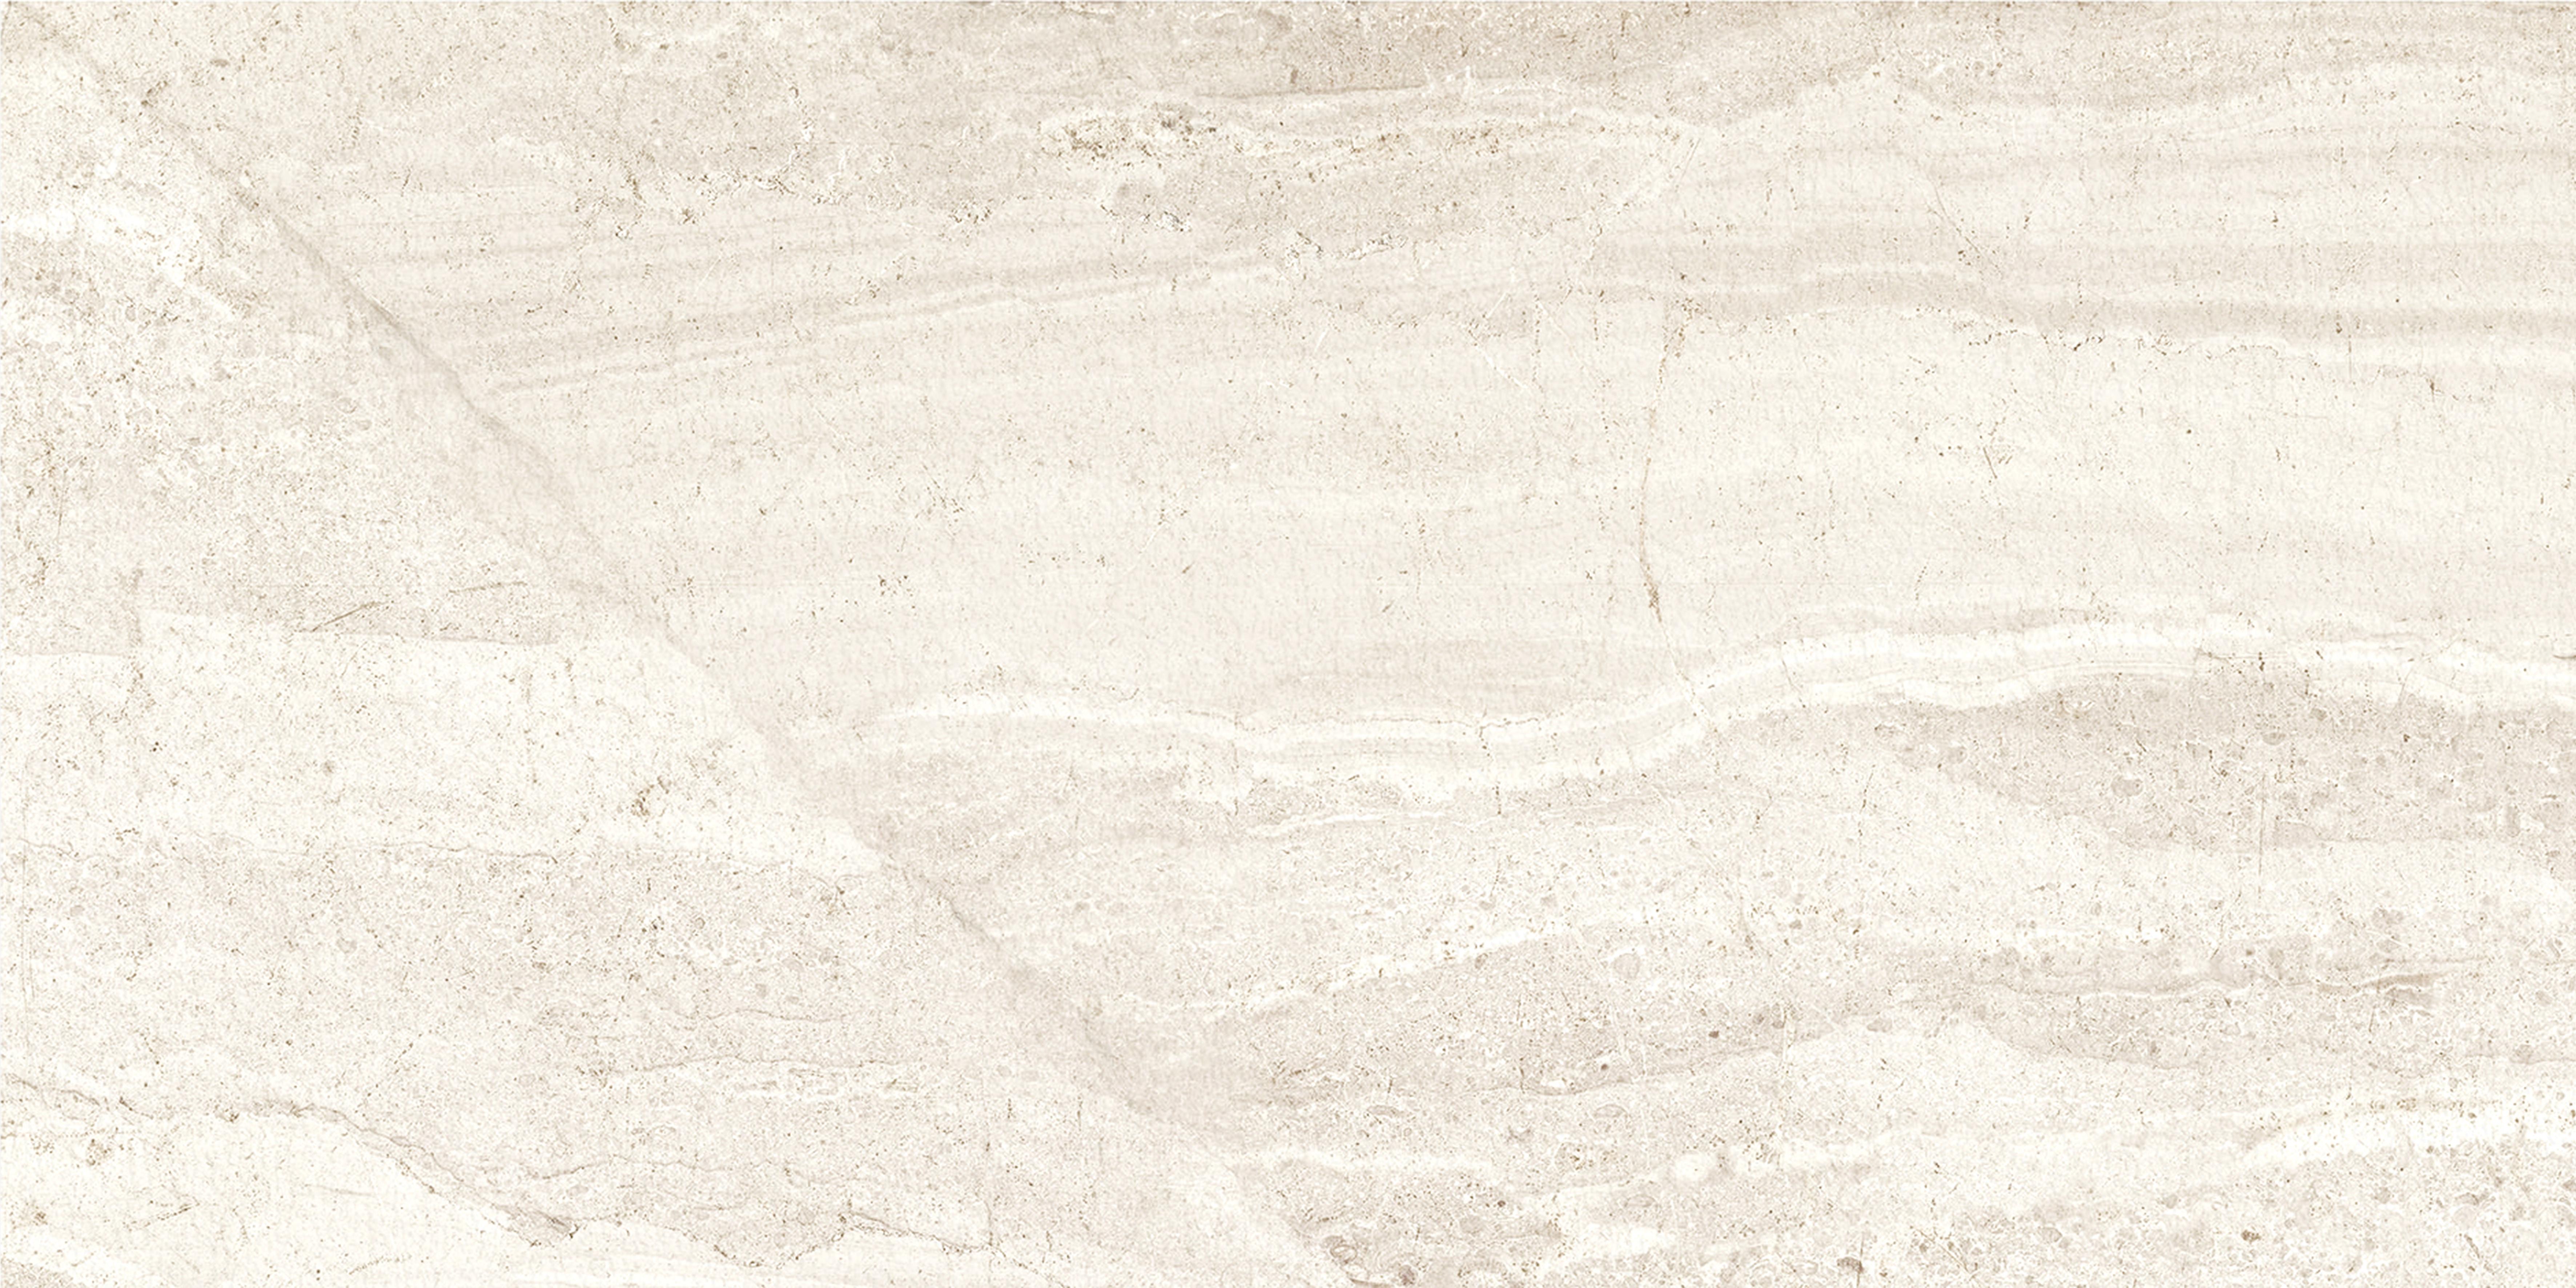 Salerno porcelain tile cast sandstone series off white 24x48 salerno porcelain tile cast sandstone series off white 24x48 lappato dailygadgetfo Choice Image